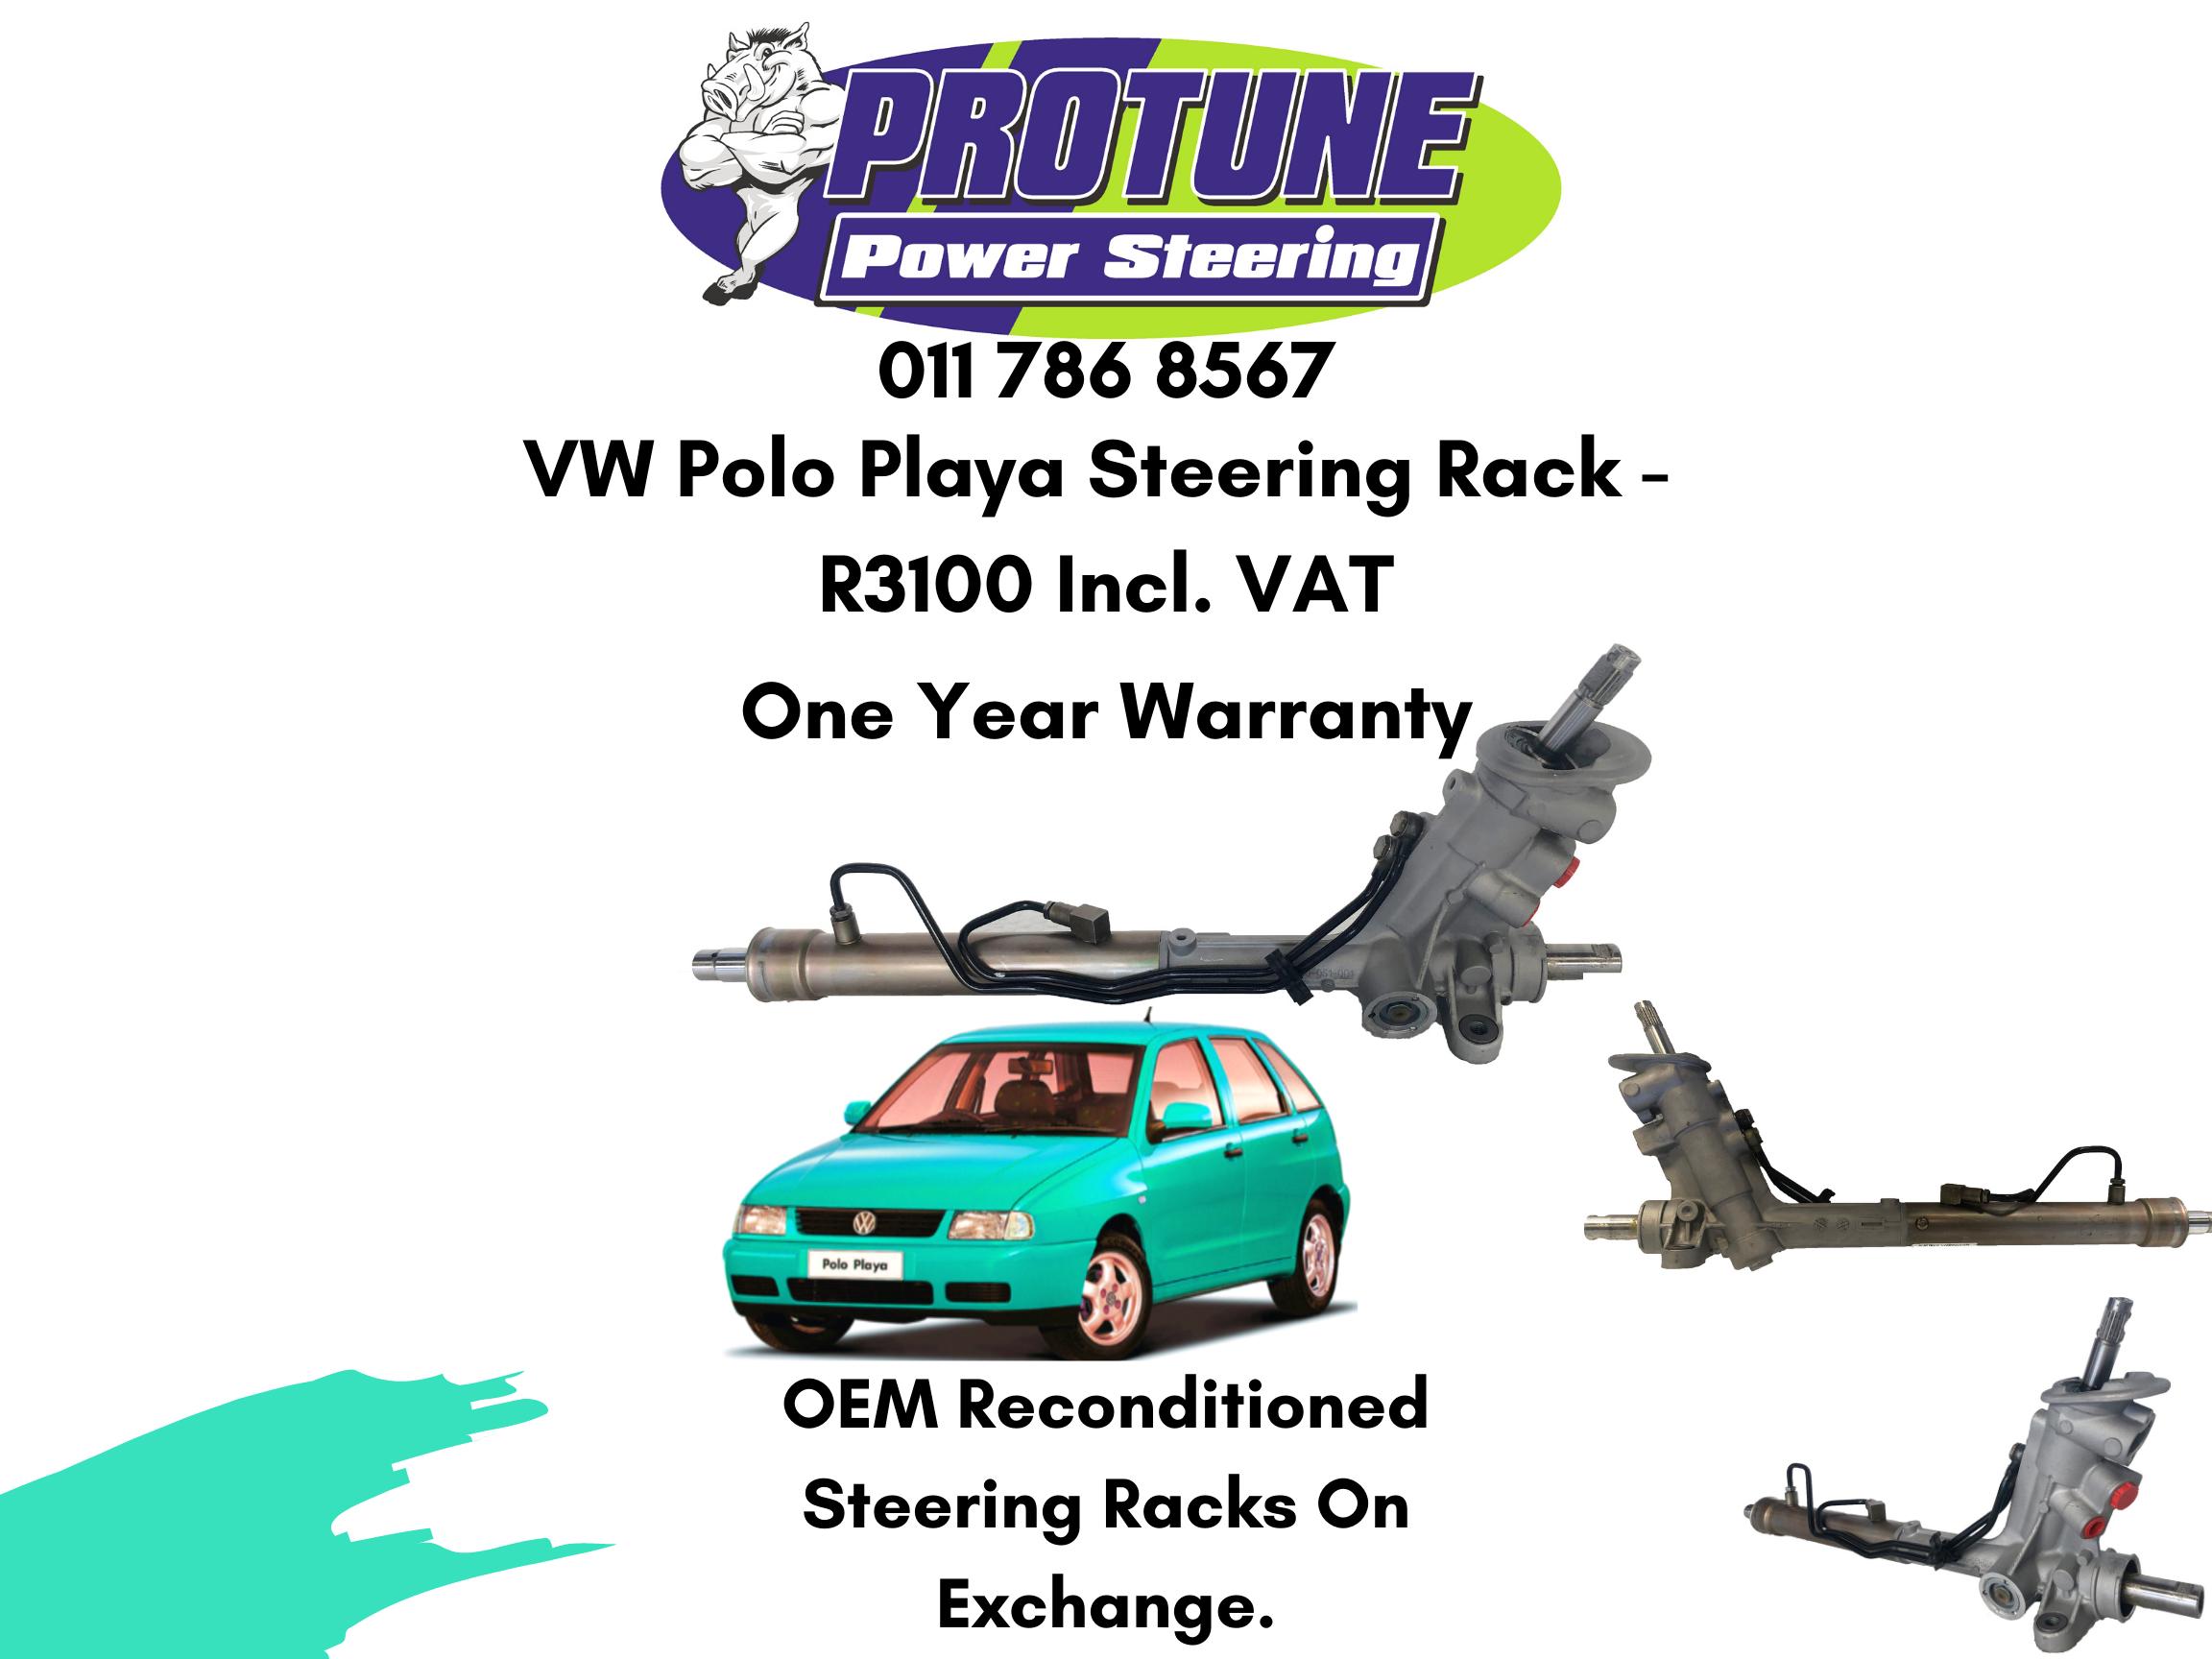 VW Polo Playa – OEM Reconditioned Steering Racks